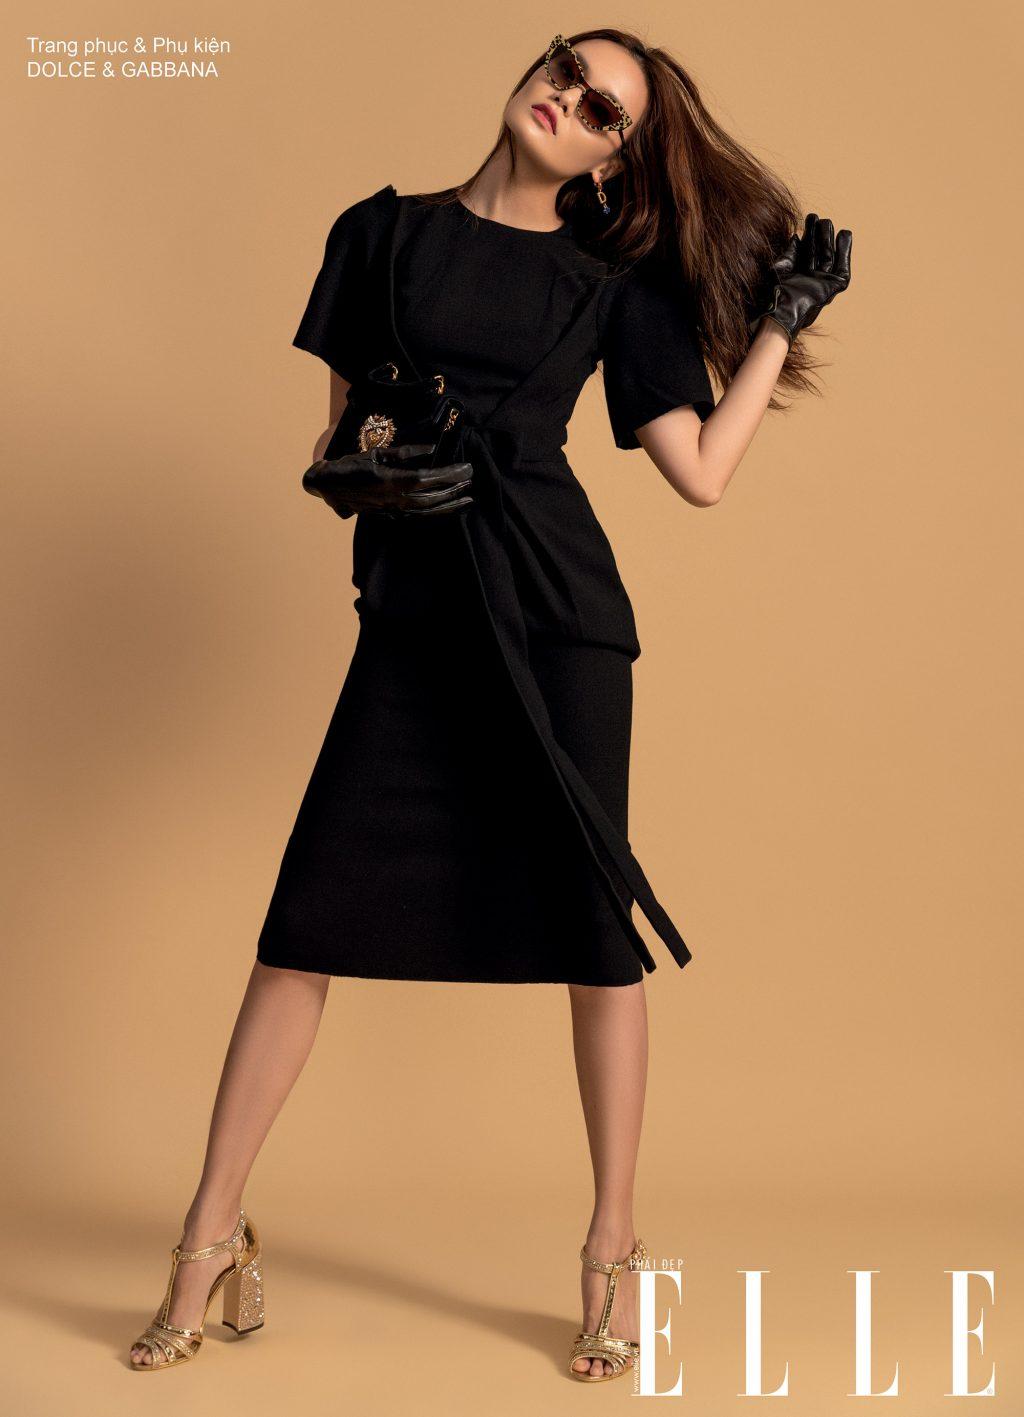 đầm đen và kính mắt đen Dolce & Gabbana